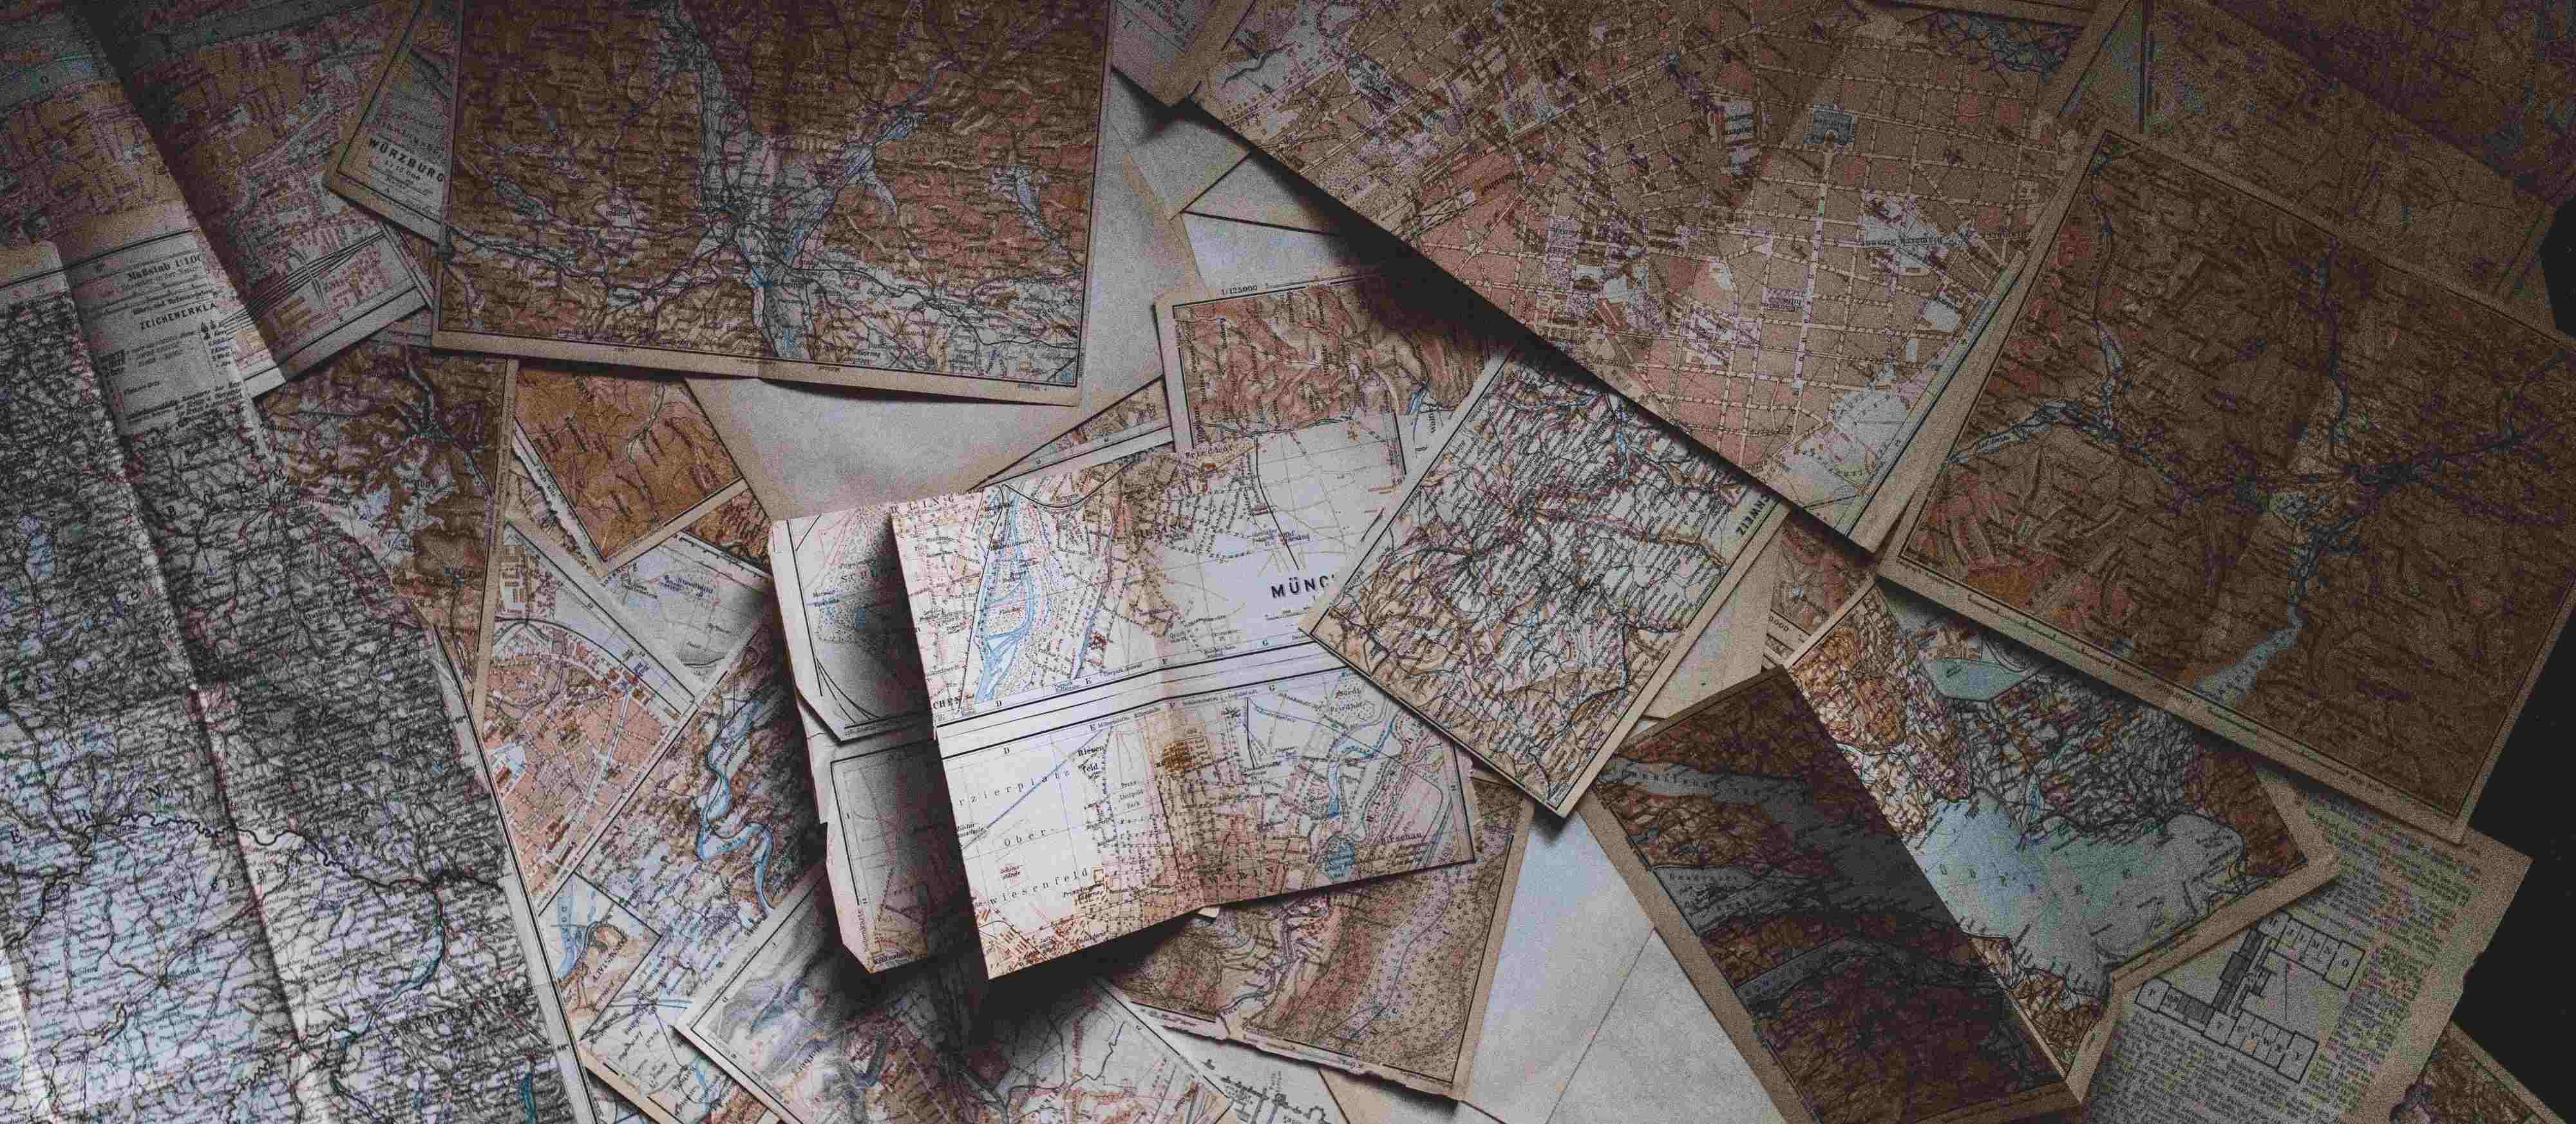 maps on desk